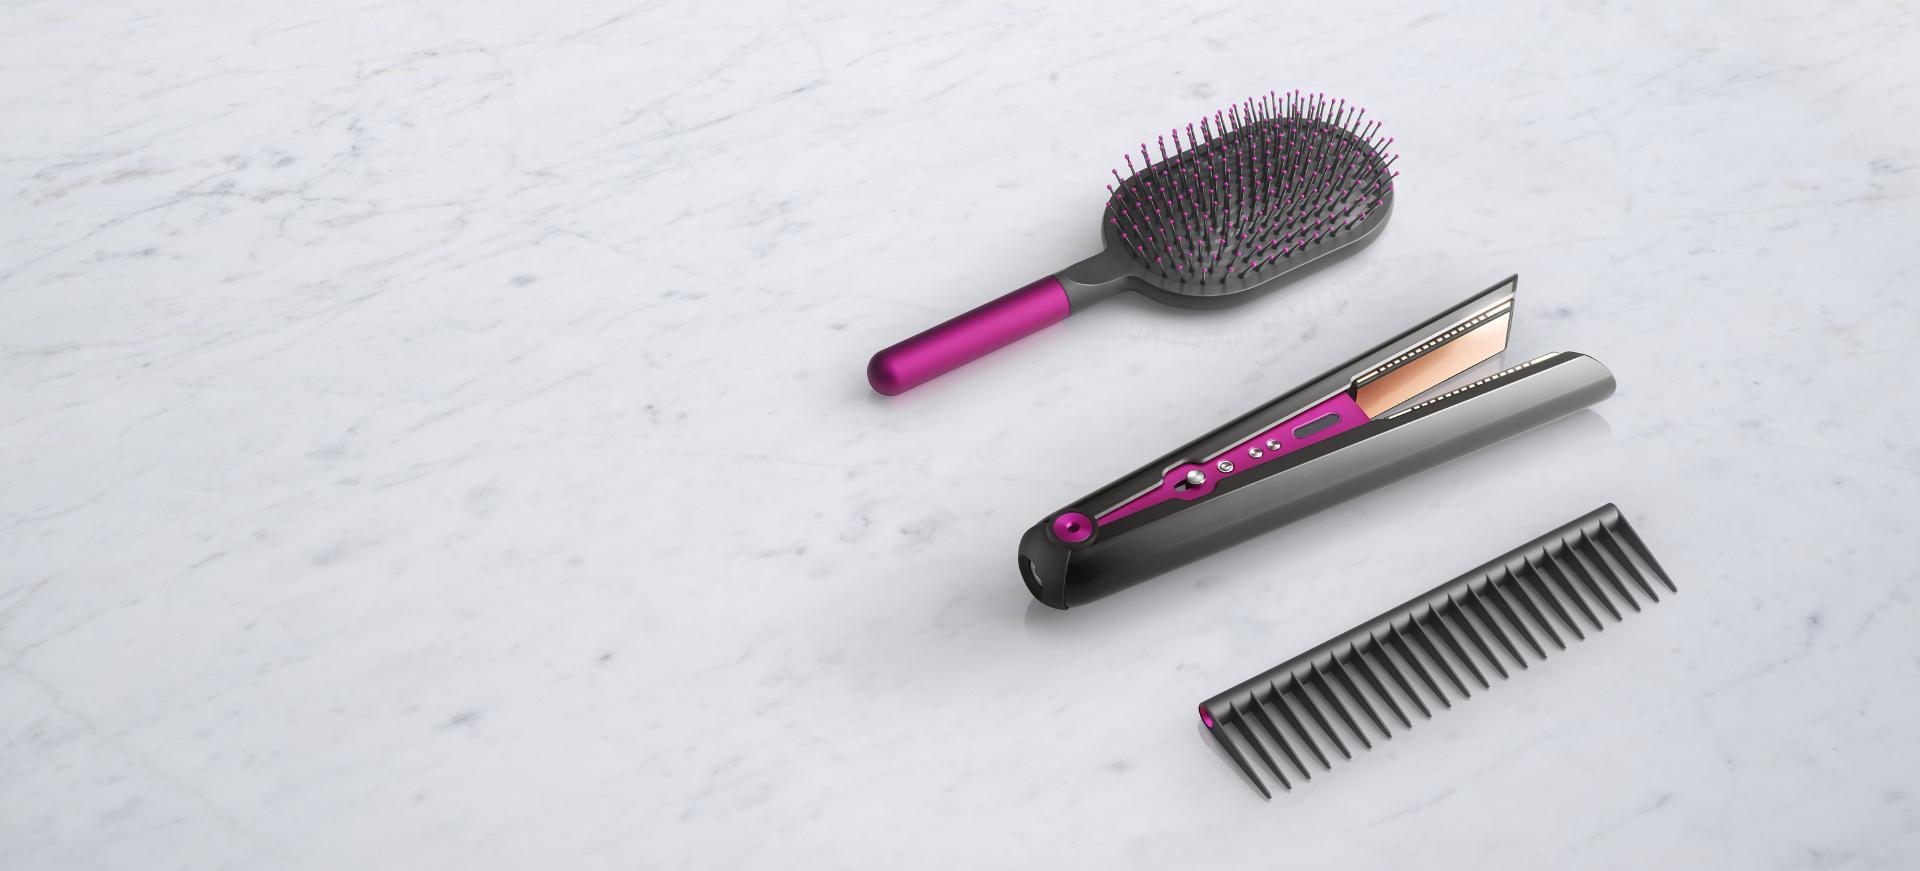 Prostownica Dyson Corrale ze szczotką do wygładzania włosów podczas stylizacji i grzebieniem ułatwiającym rozczesywanie